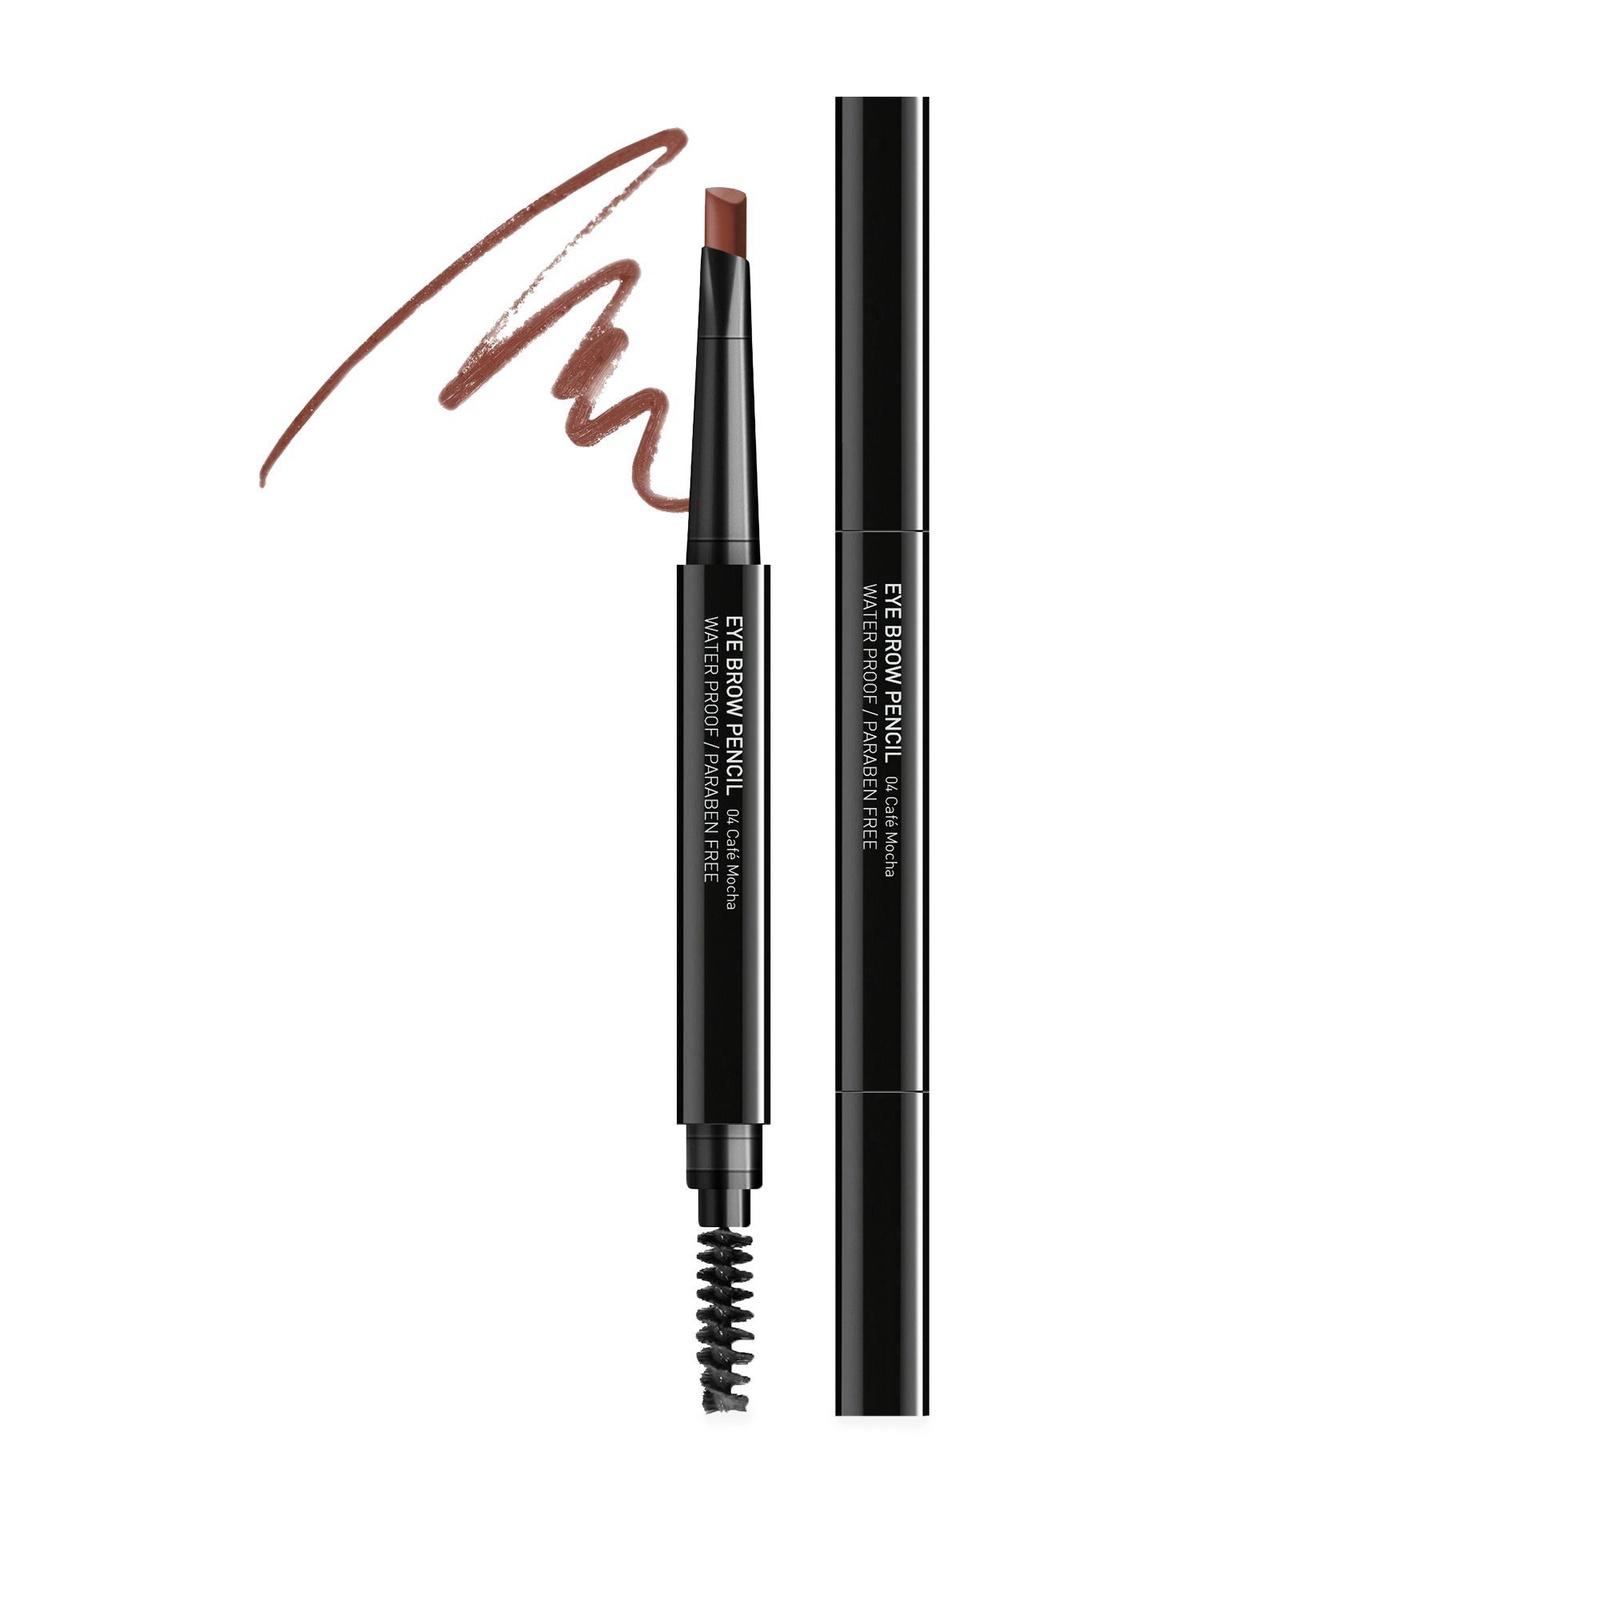 Карандаш для бровей CAILYN Eyebrow Pencil, 04 Cafe Mocha недорого